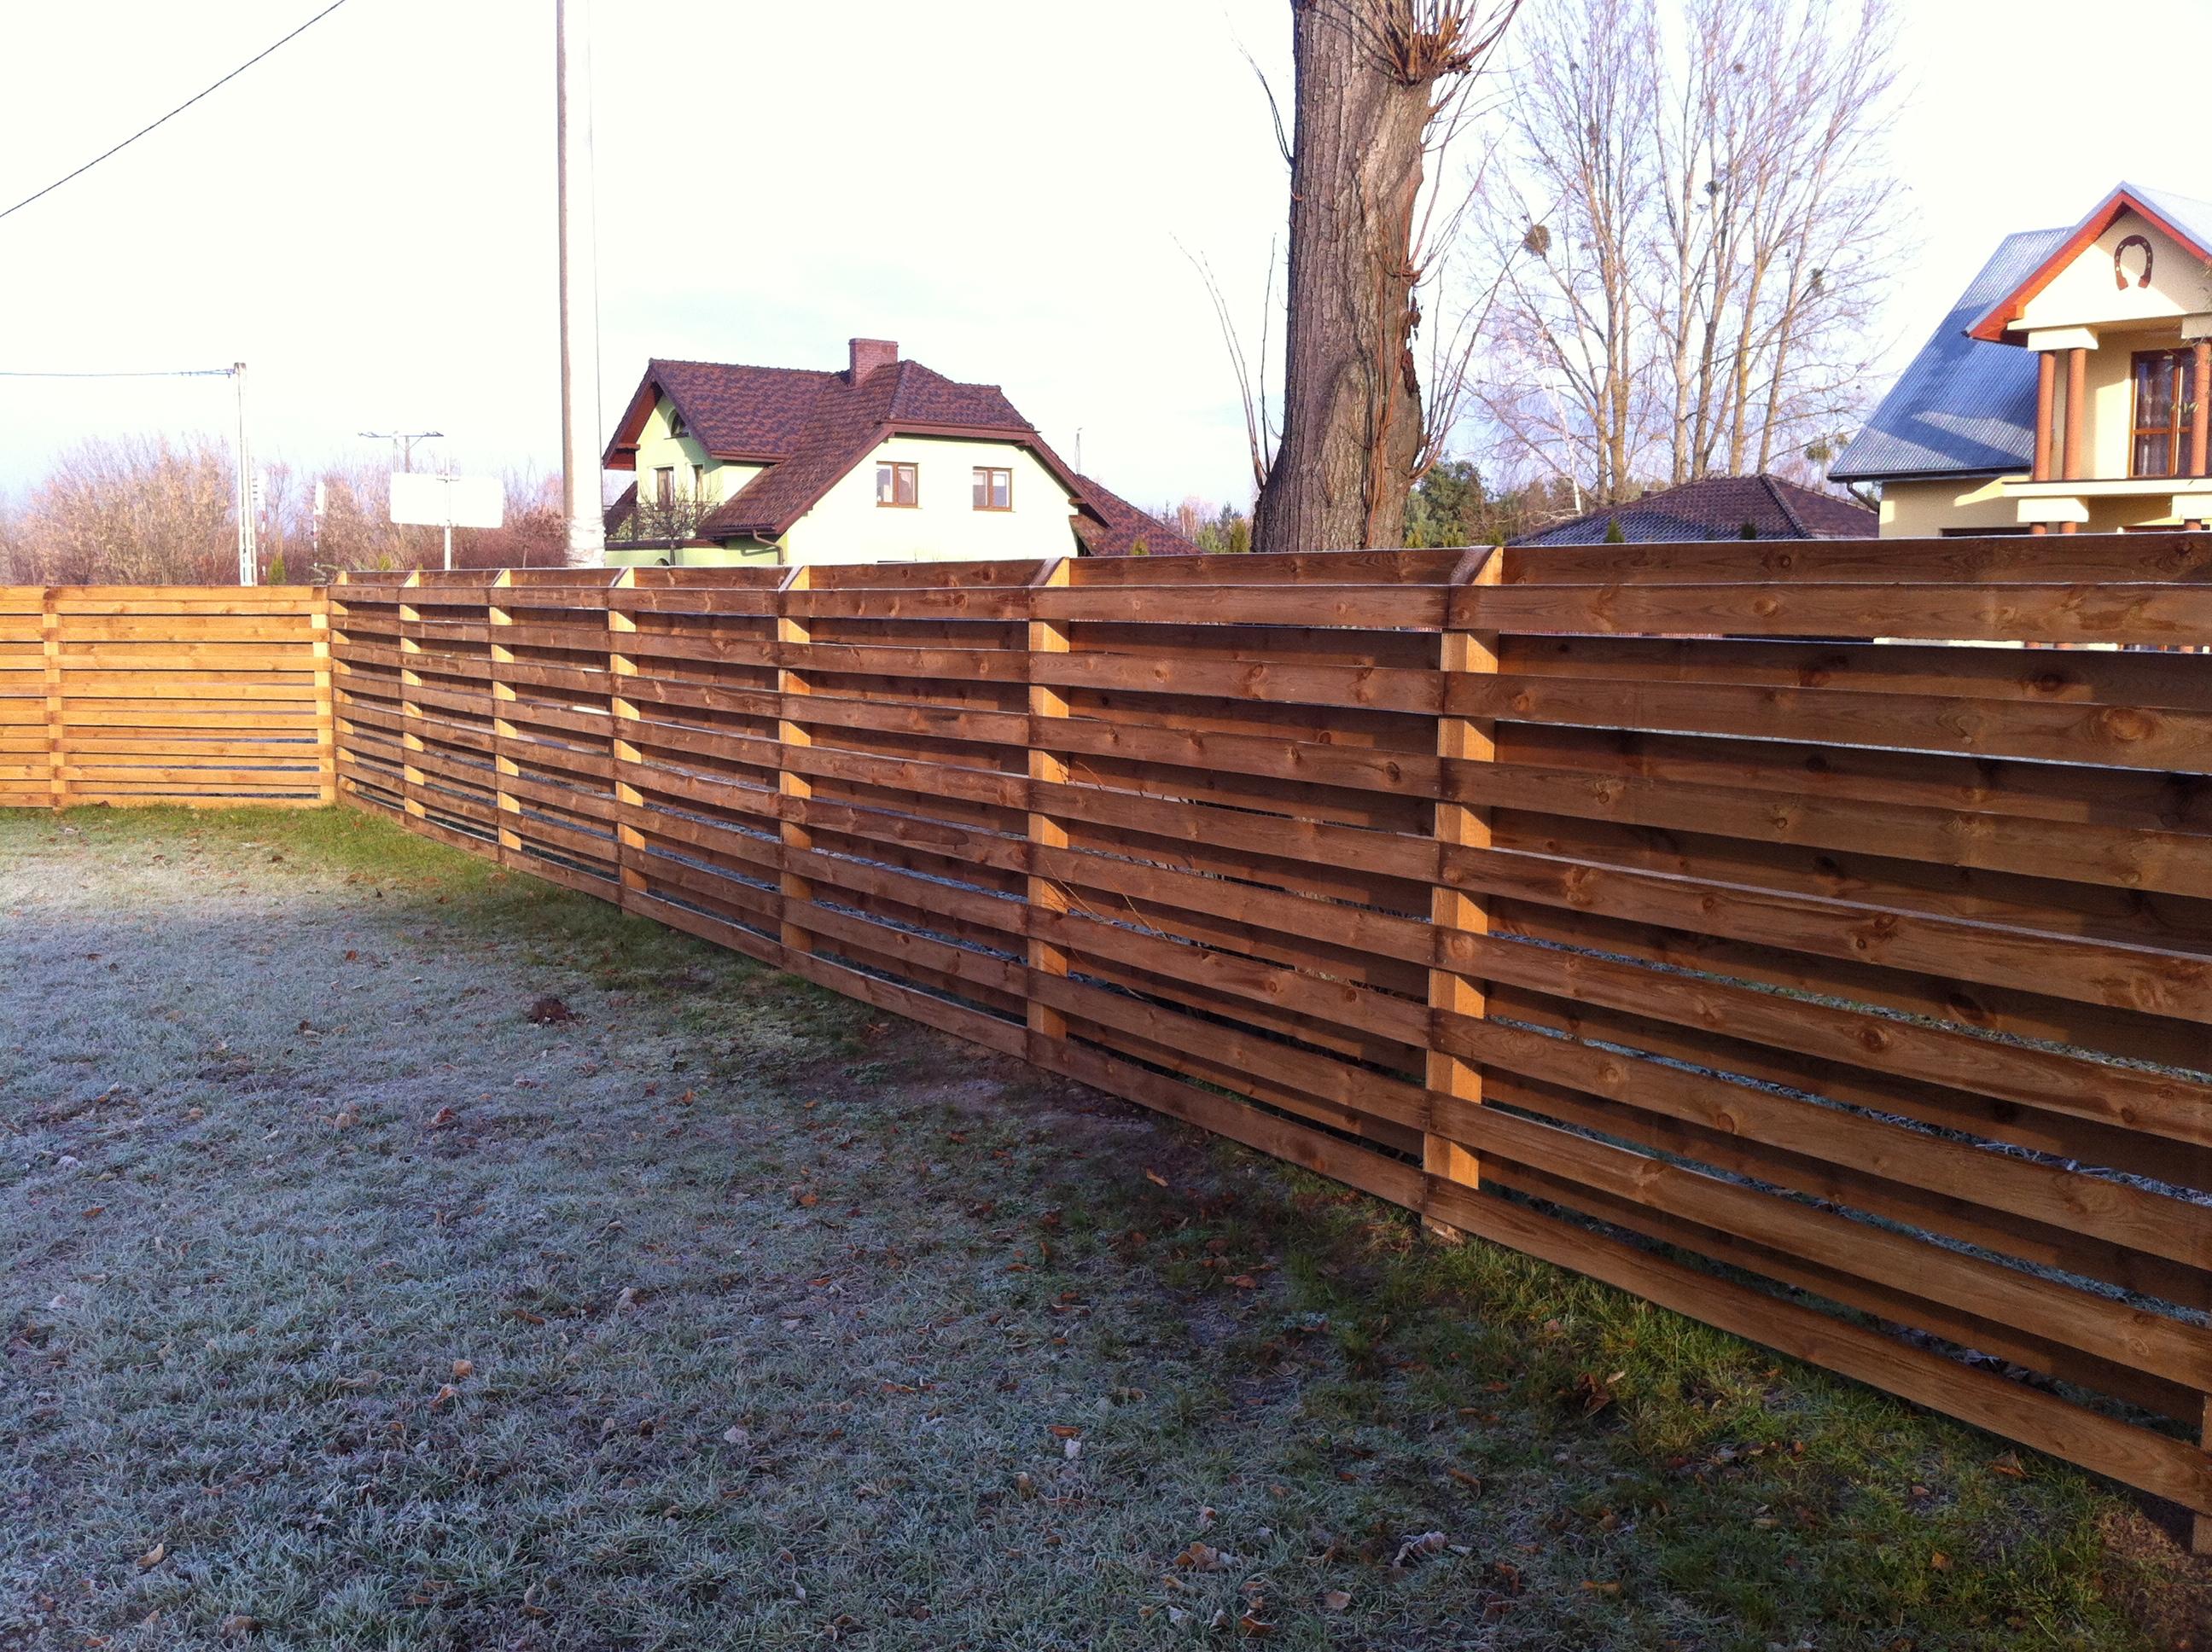 Traitement bois exterieur classe 4 for Traitement bois exterieur naturel